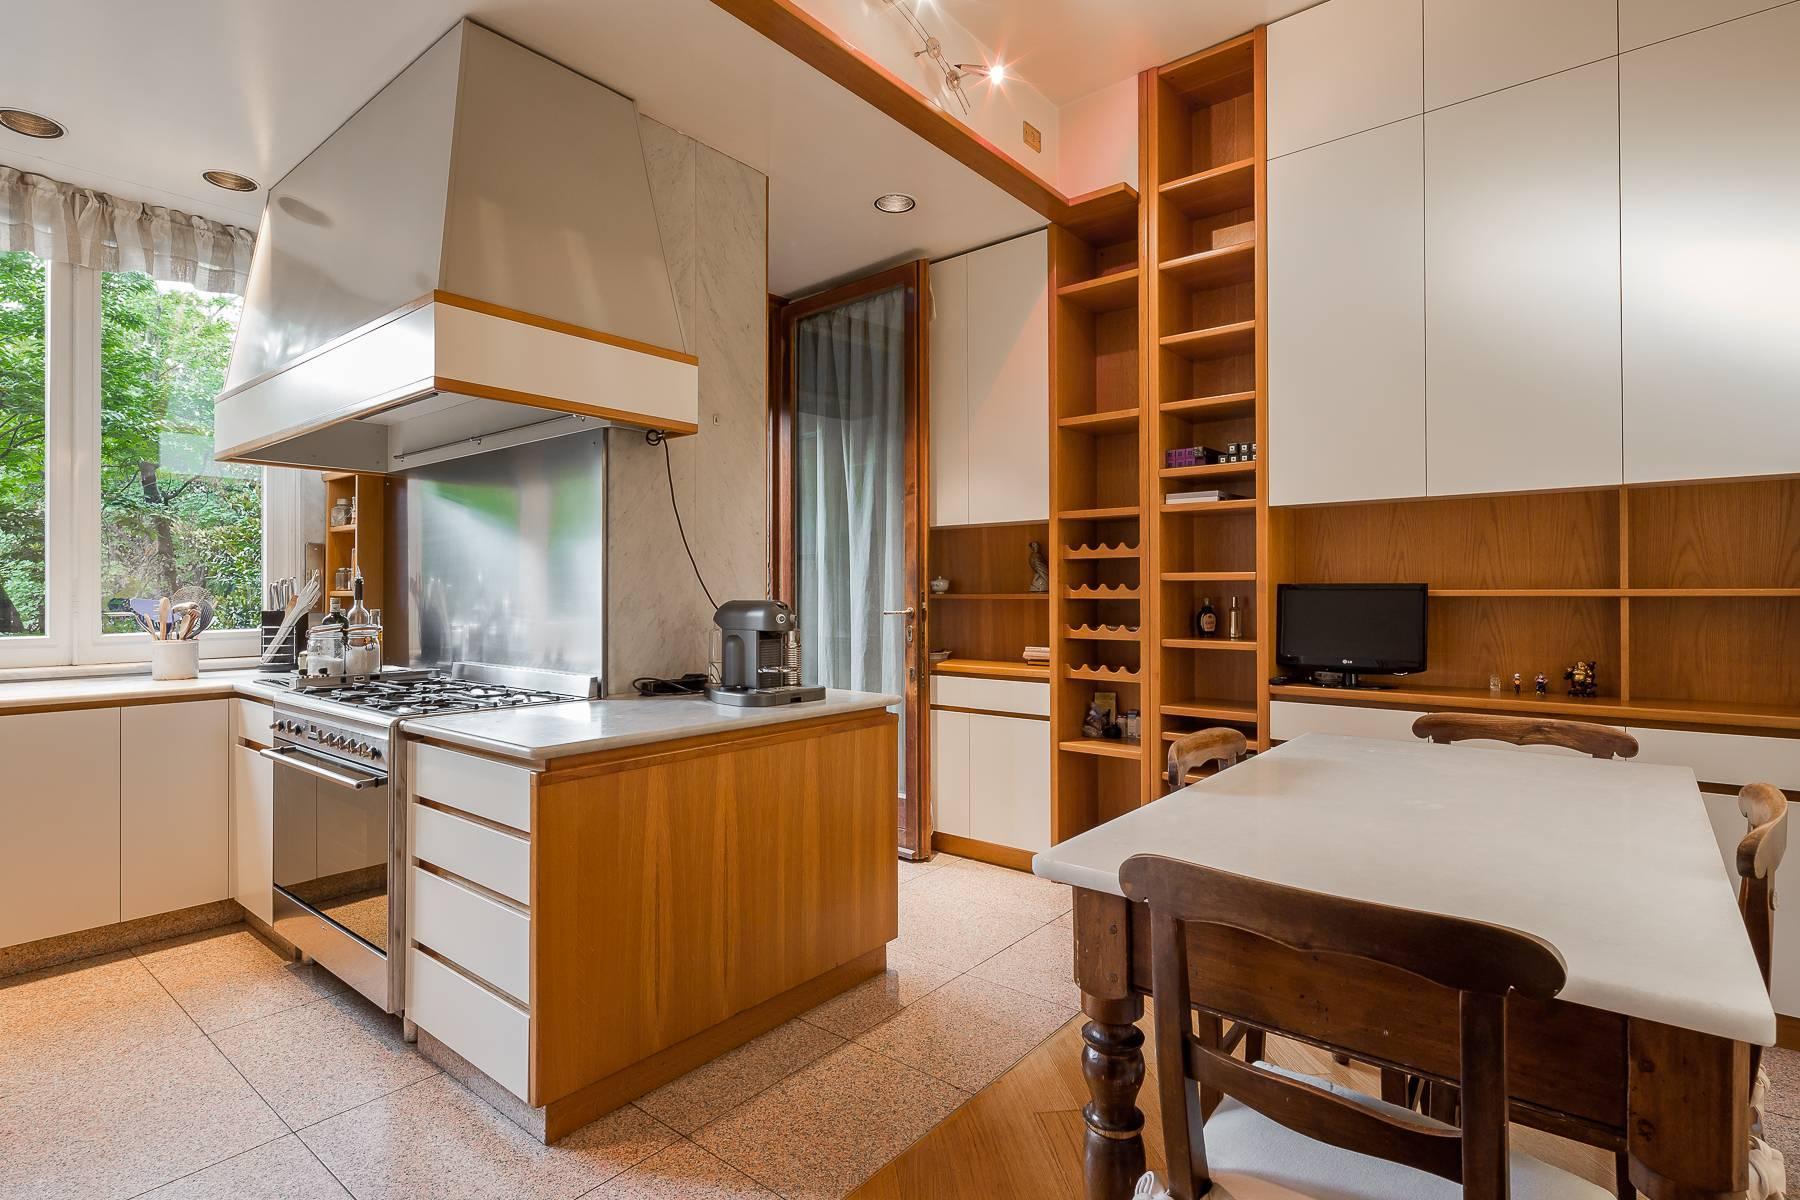 Elegant apartment in a prestigious area - 20